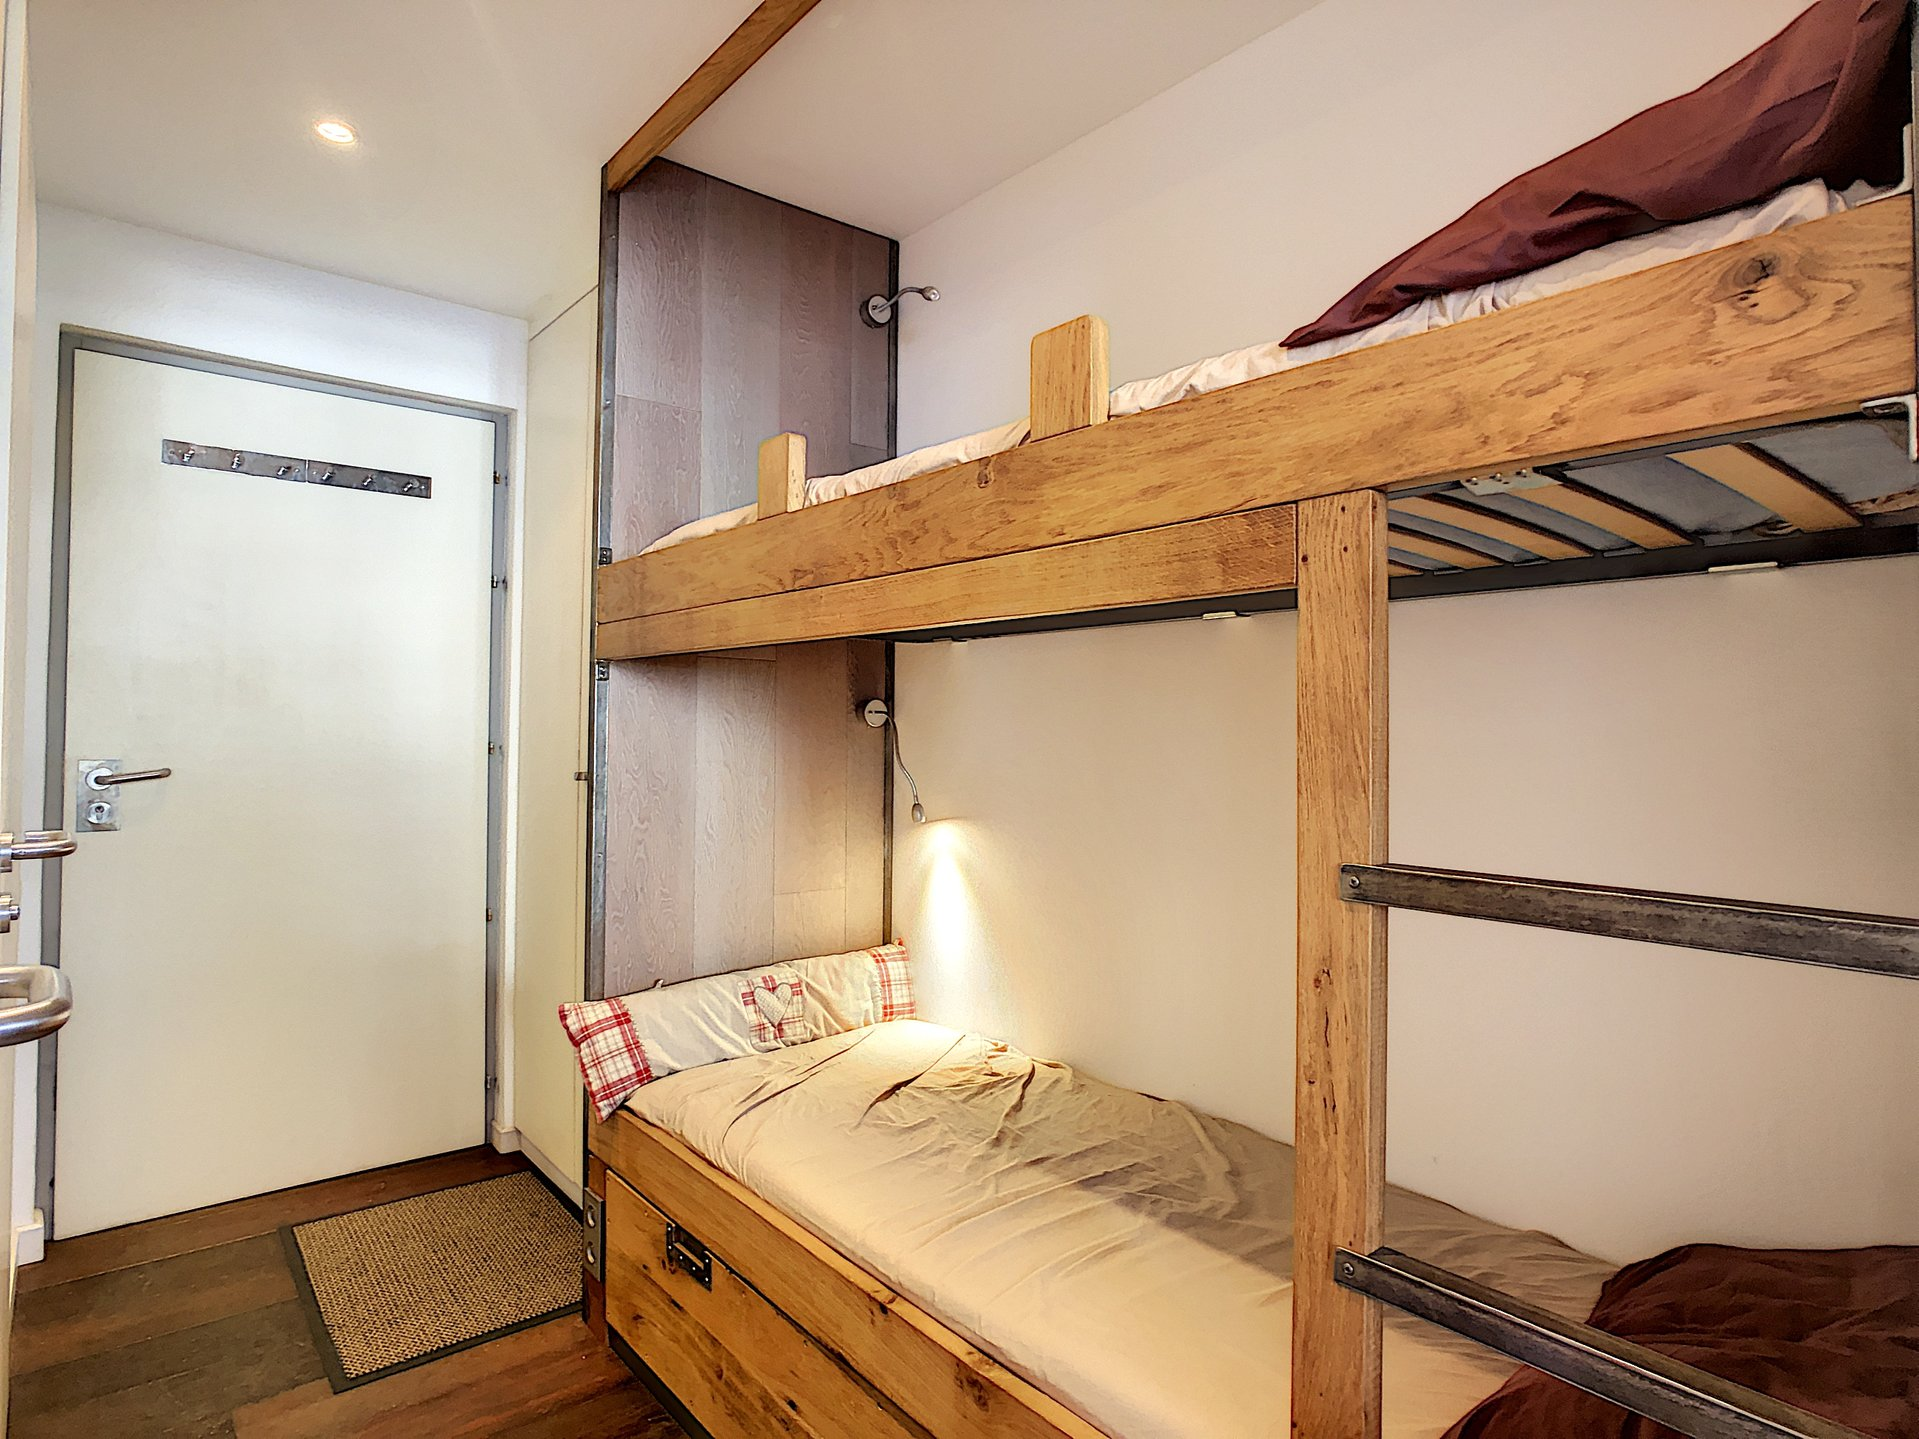 1 bedroom apartment, Chamonix centre